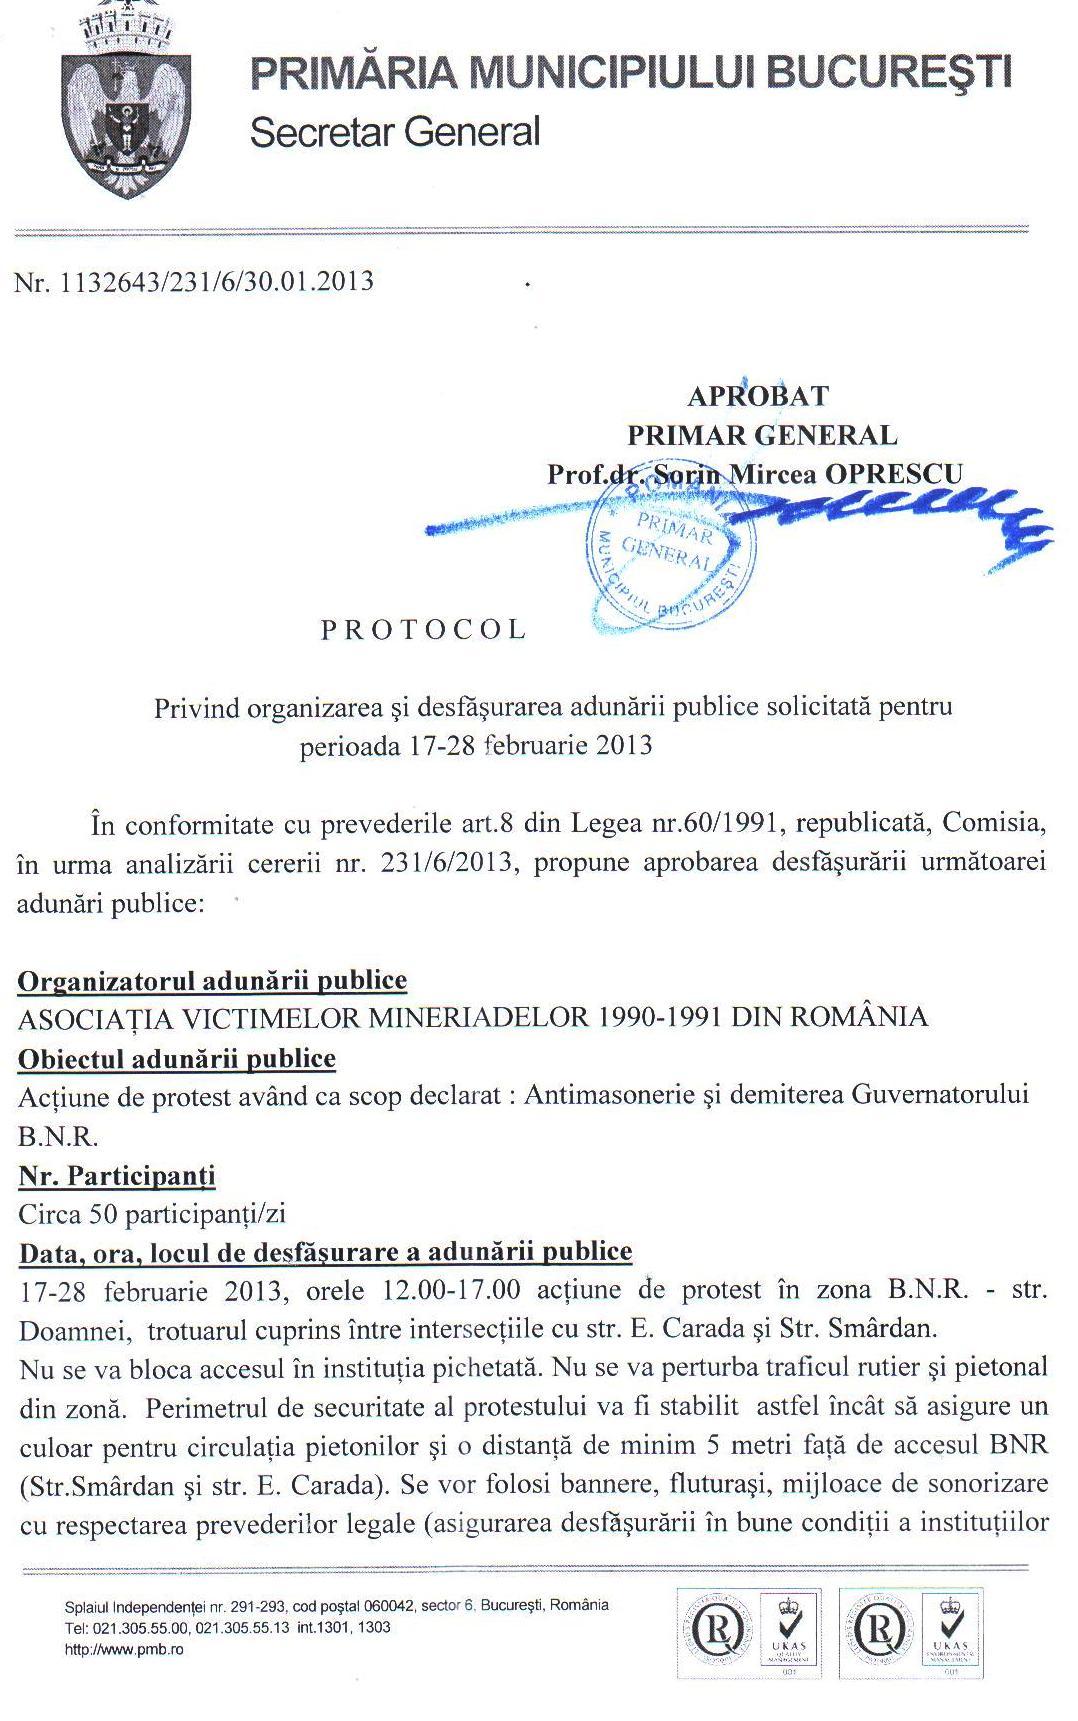 PROTEST ANTI-MASONERIE MUGUR ISARESCU (1)